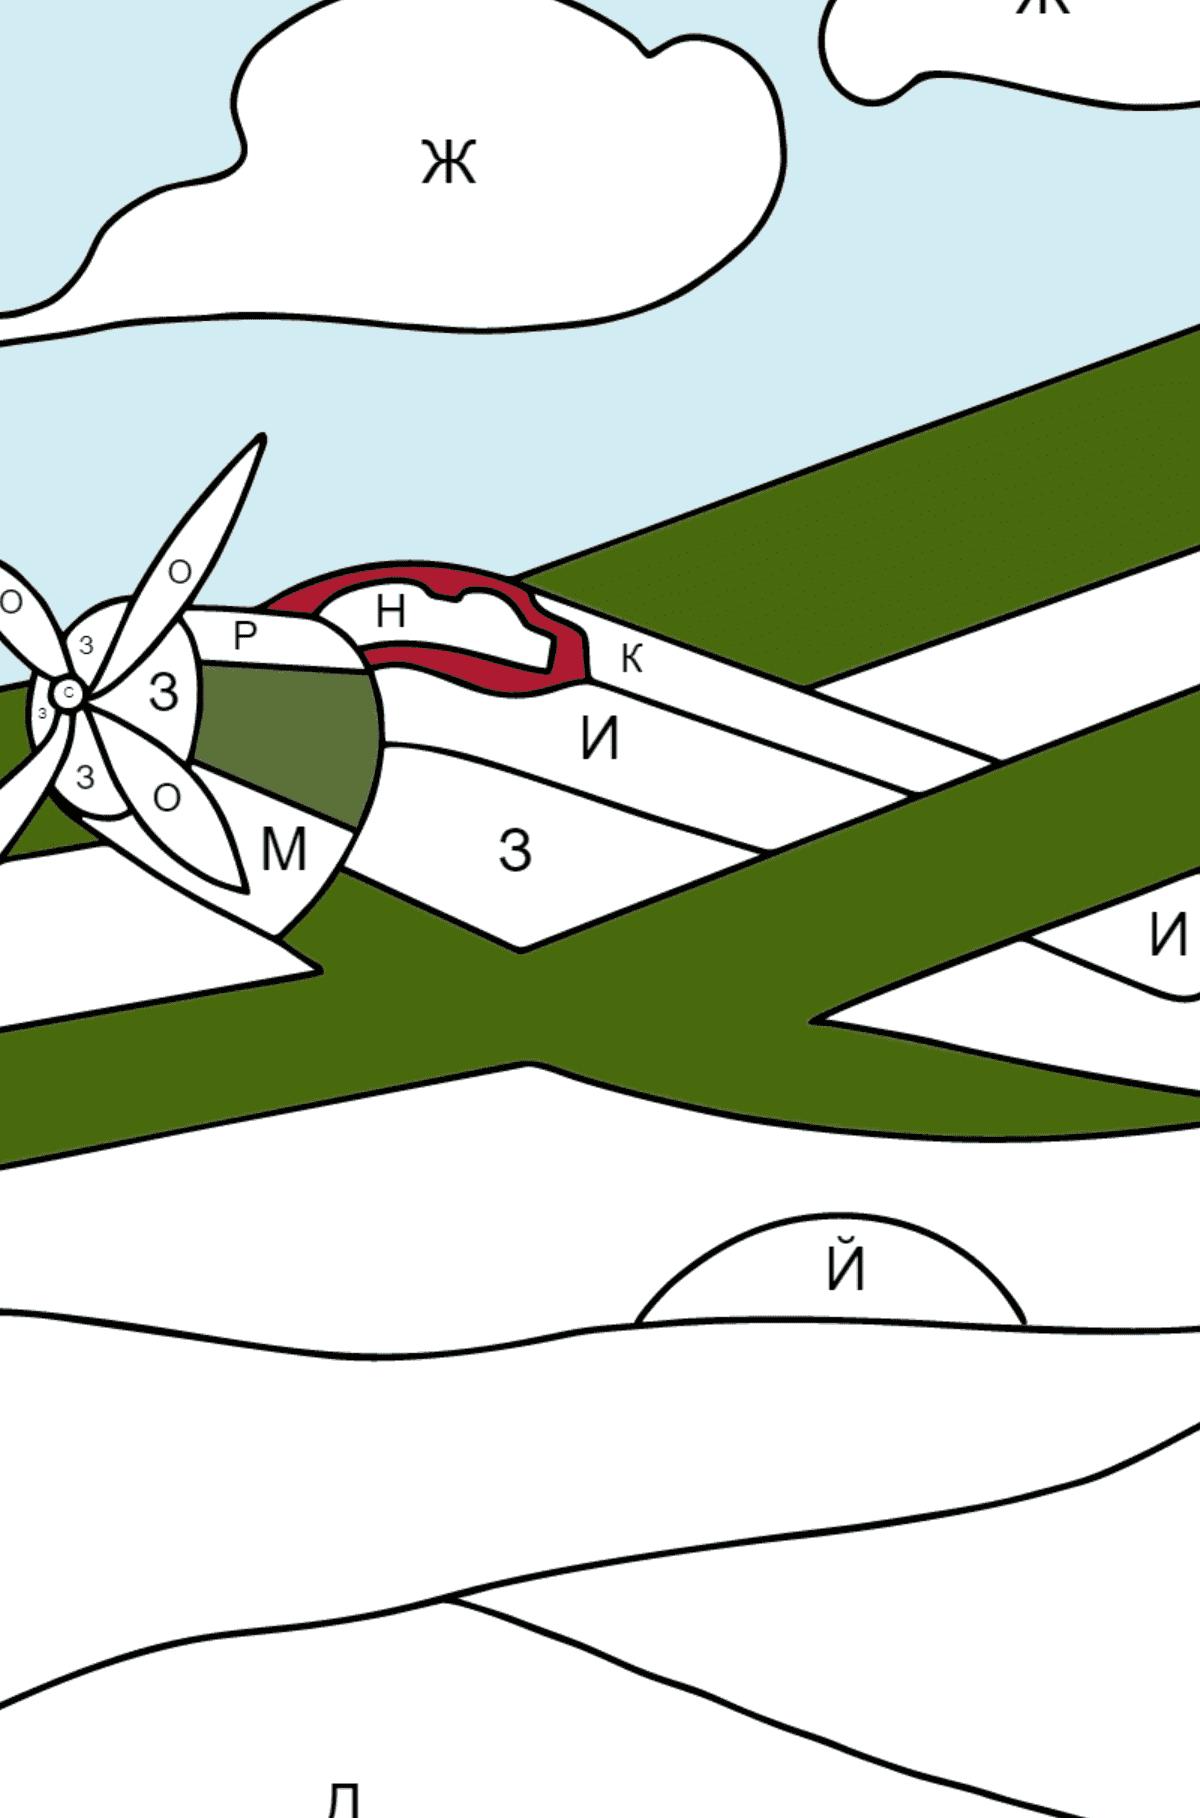 Раскраска биплан - Раскраска по Буквам для Детей